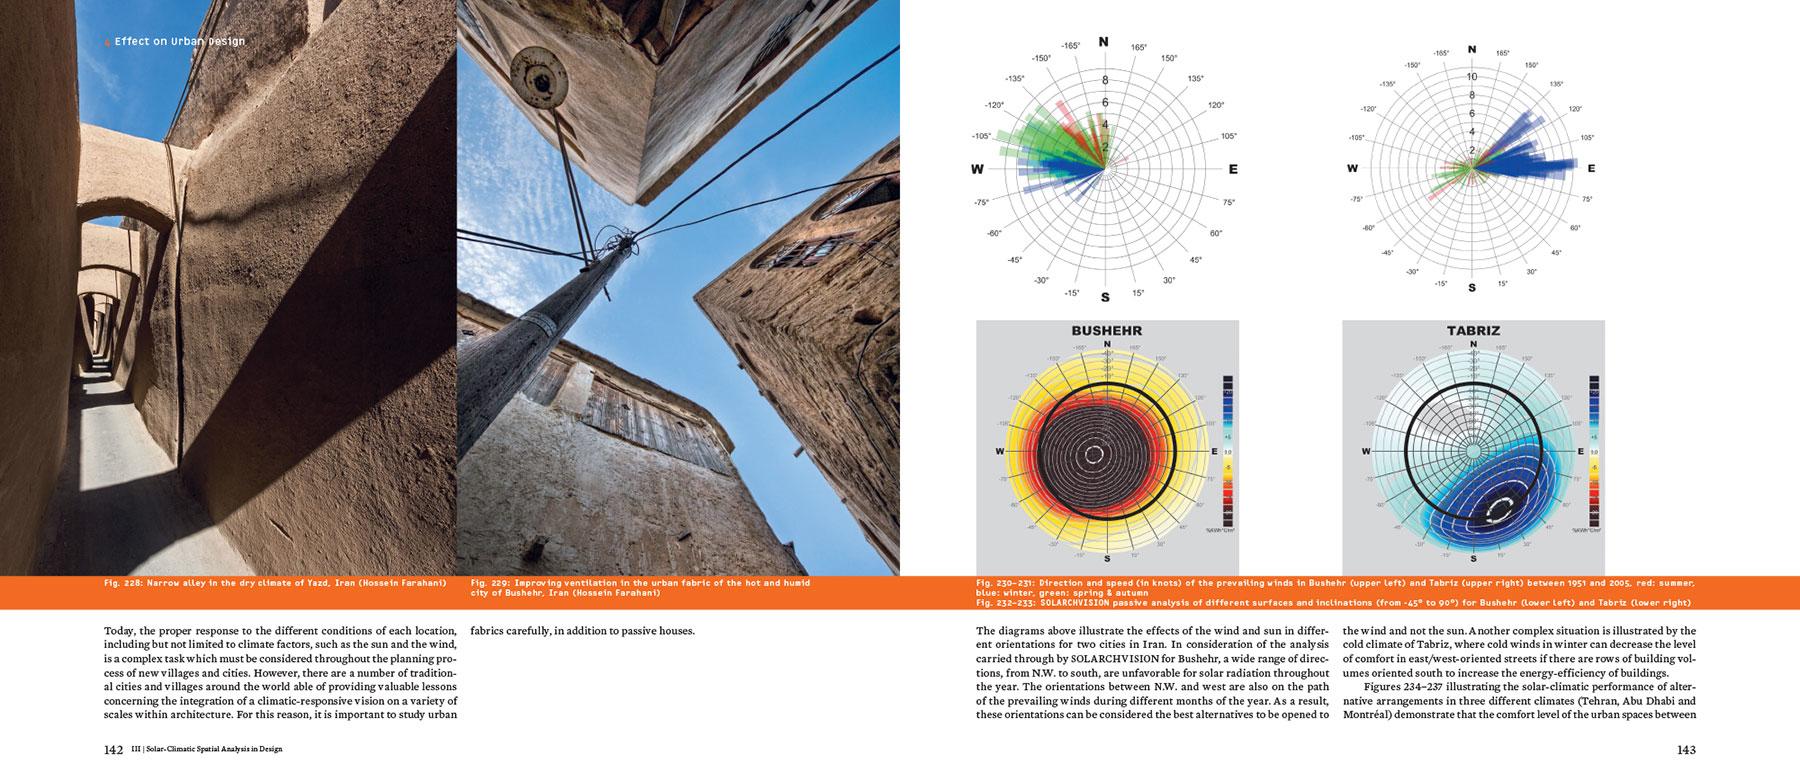 Vol09_-SolarClimaticVision-CD-Rom-v02-142.jpg